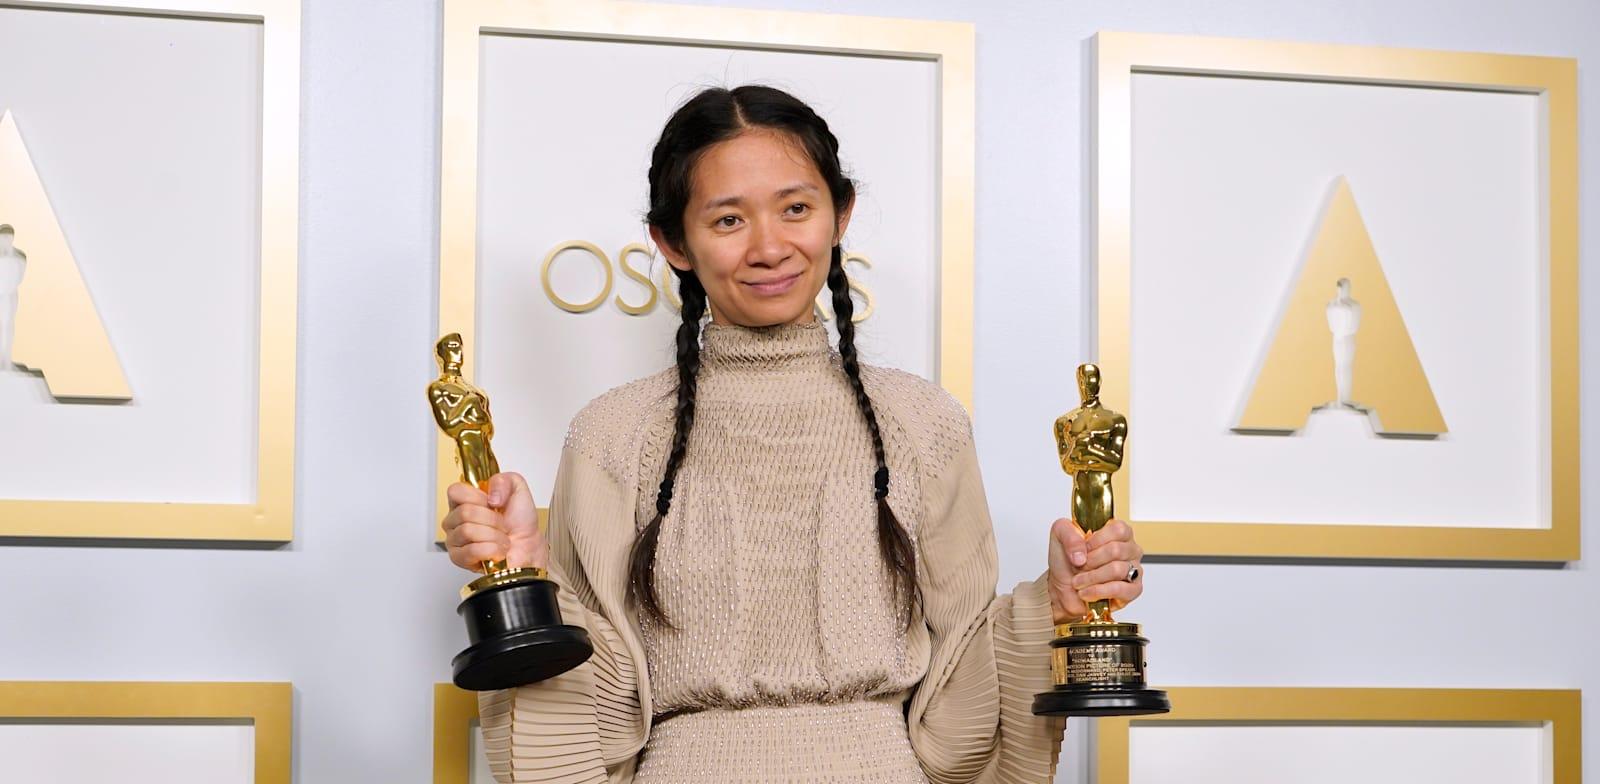 """הבמאית קלואי ז'או עם שני פרסי האוסקר שבהם זכתה על הסרט """"ארץ נוודים"""" / צילום: Associated Press, Chris Pizzello"""